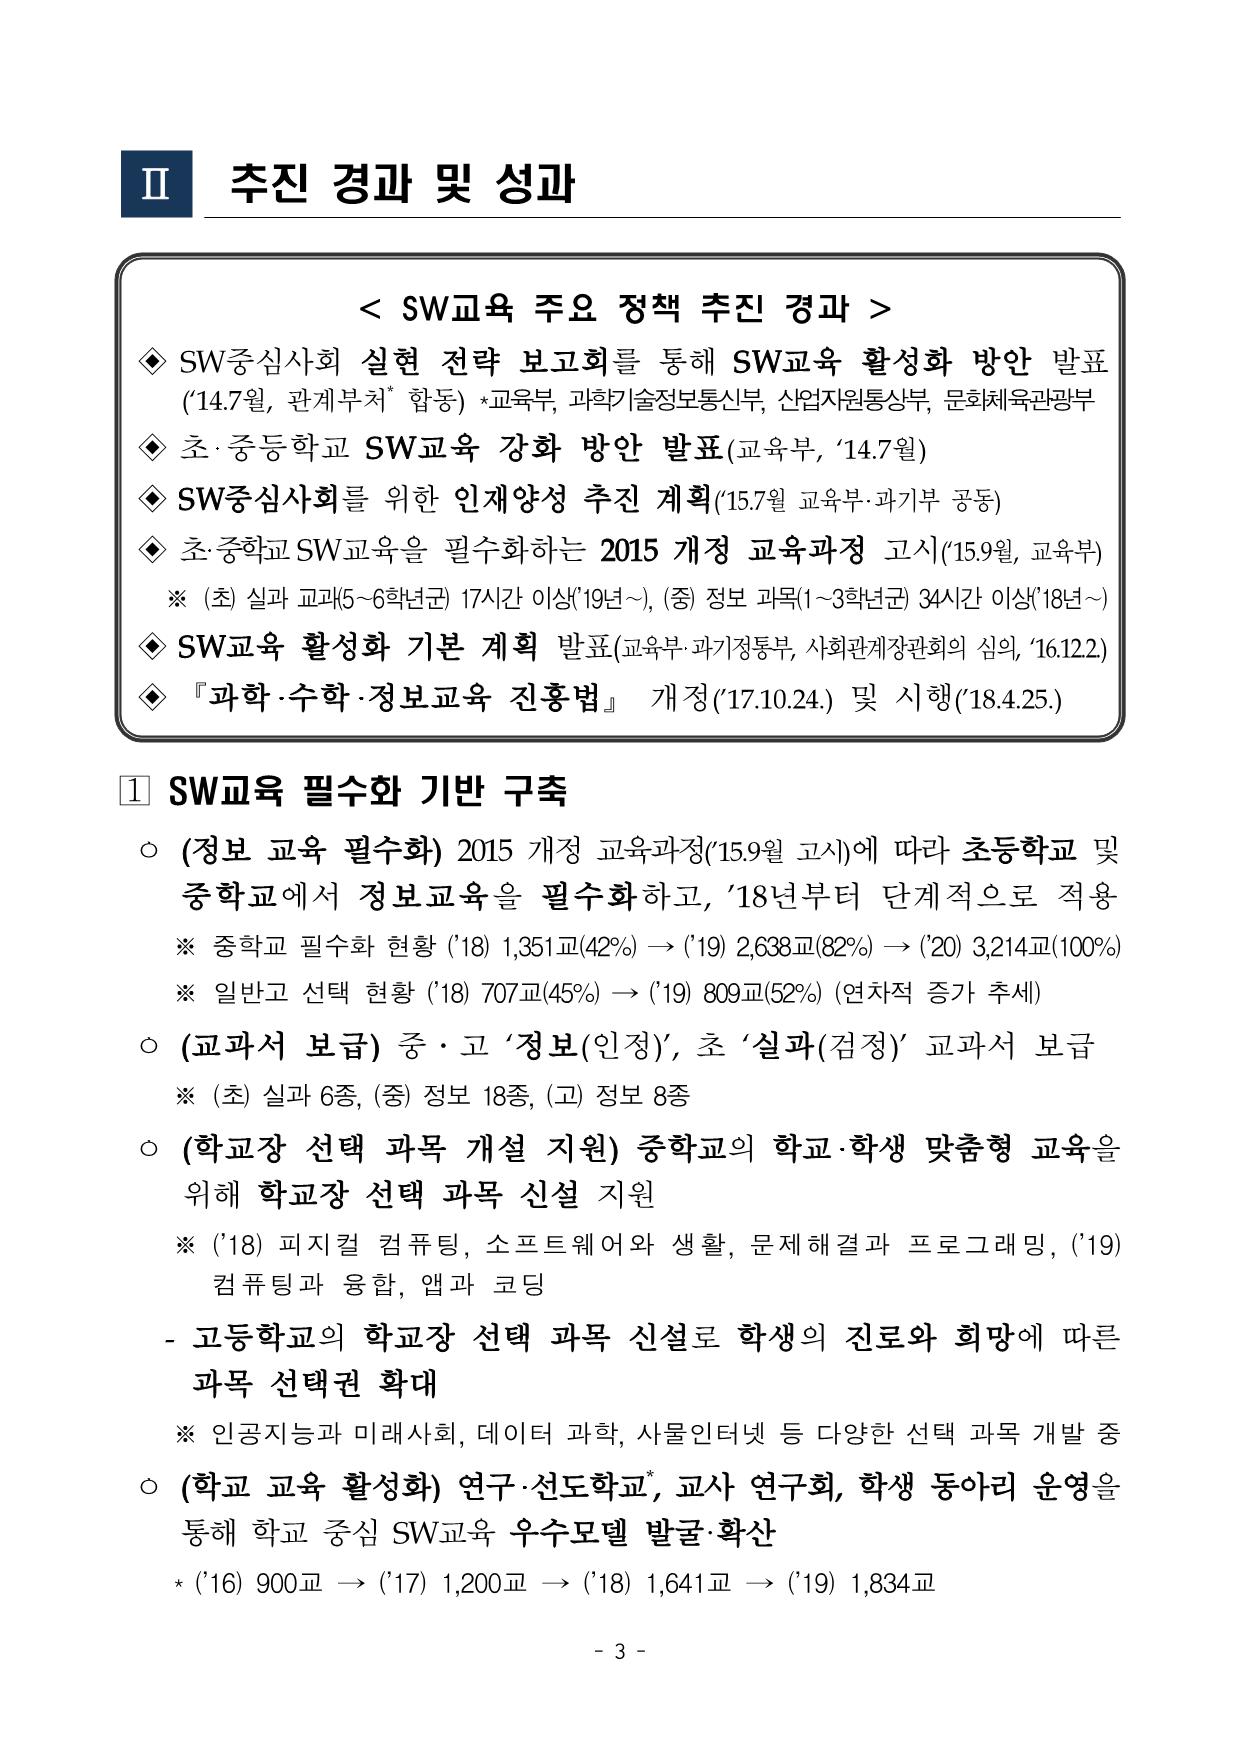 붙임 2-3. 정보교육 종합계획(안)_5.png